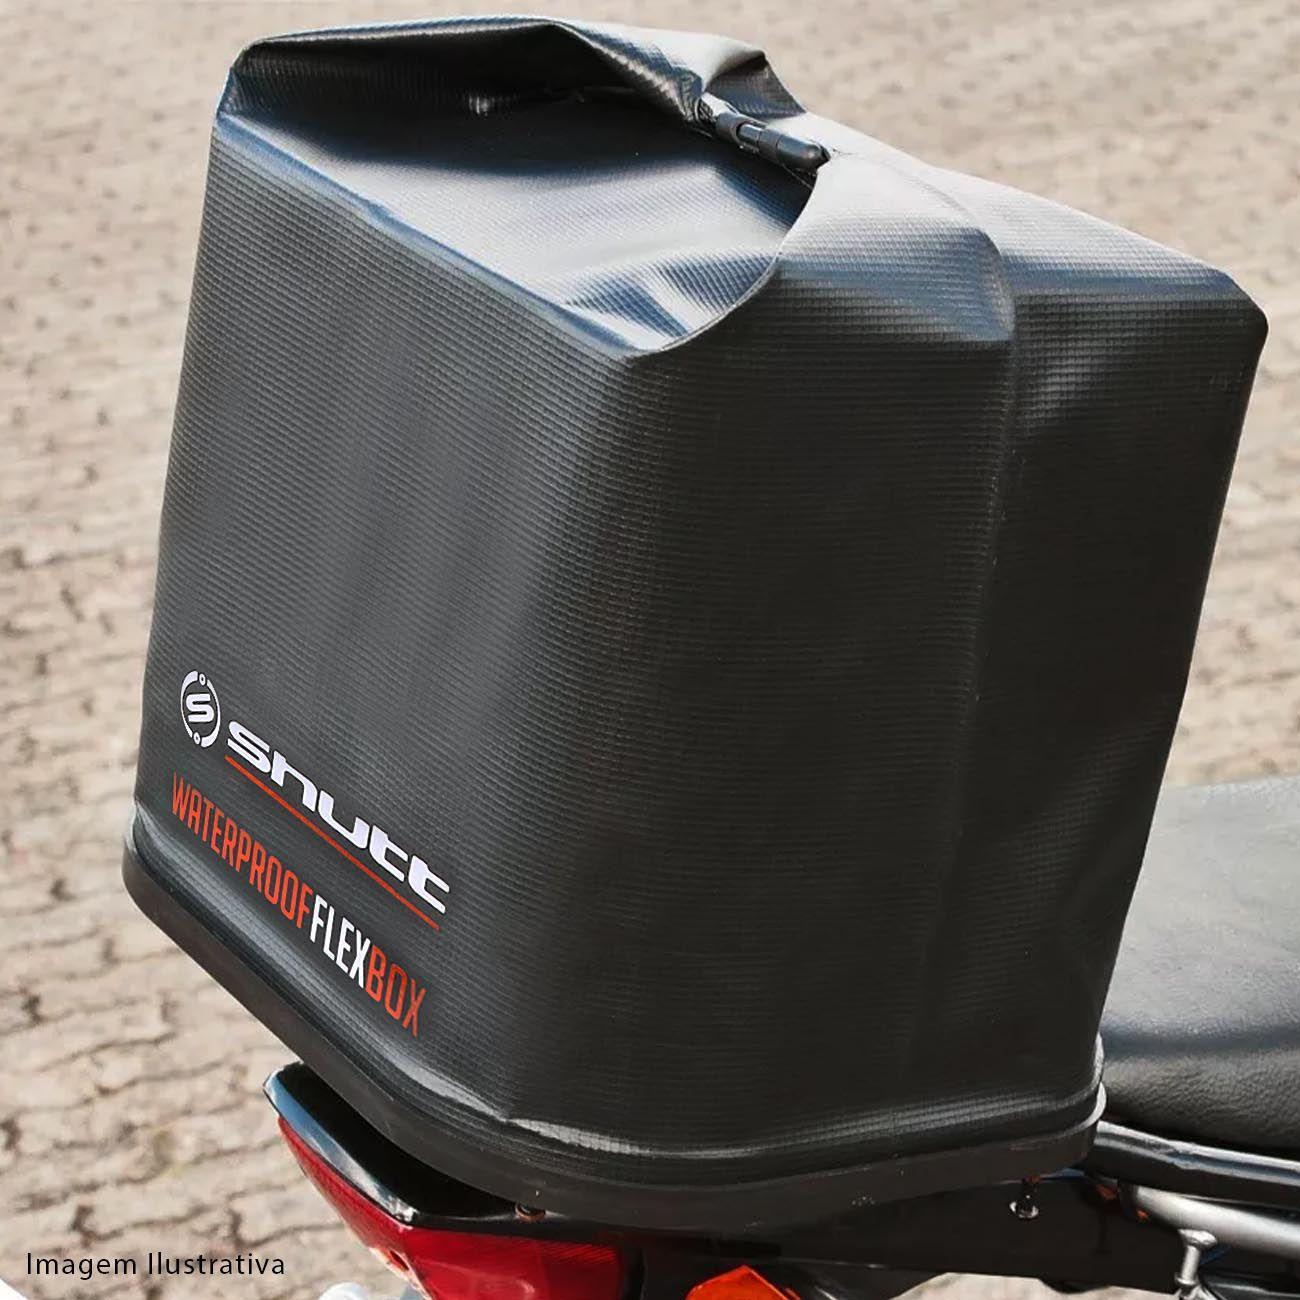 13e539ec451 Baú Bauleto Moto 42 Litros Dobrável Shutt Universal Bauflex Bagageiro  Flexível Lona PVC Preto R$ 84,90 à vista. Adicionar à sacola